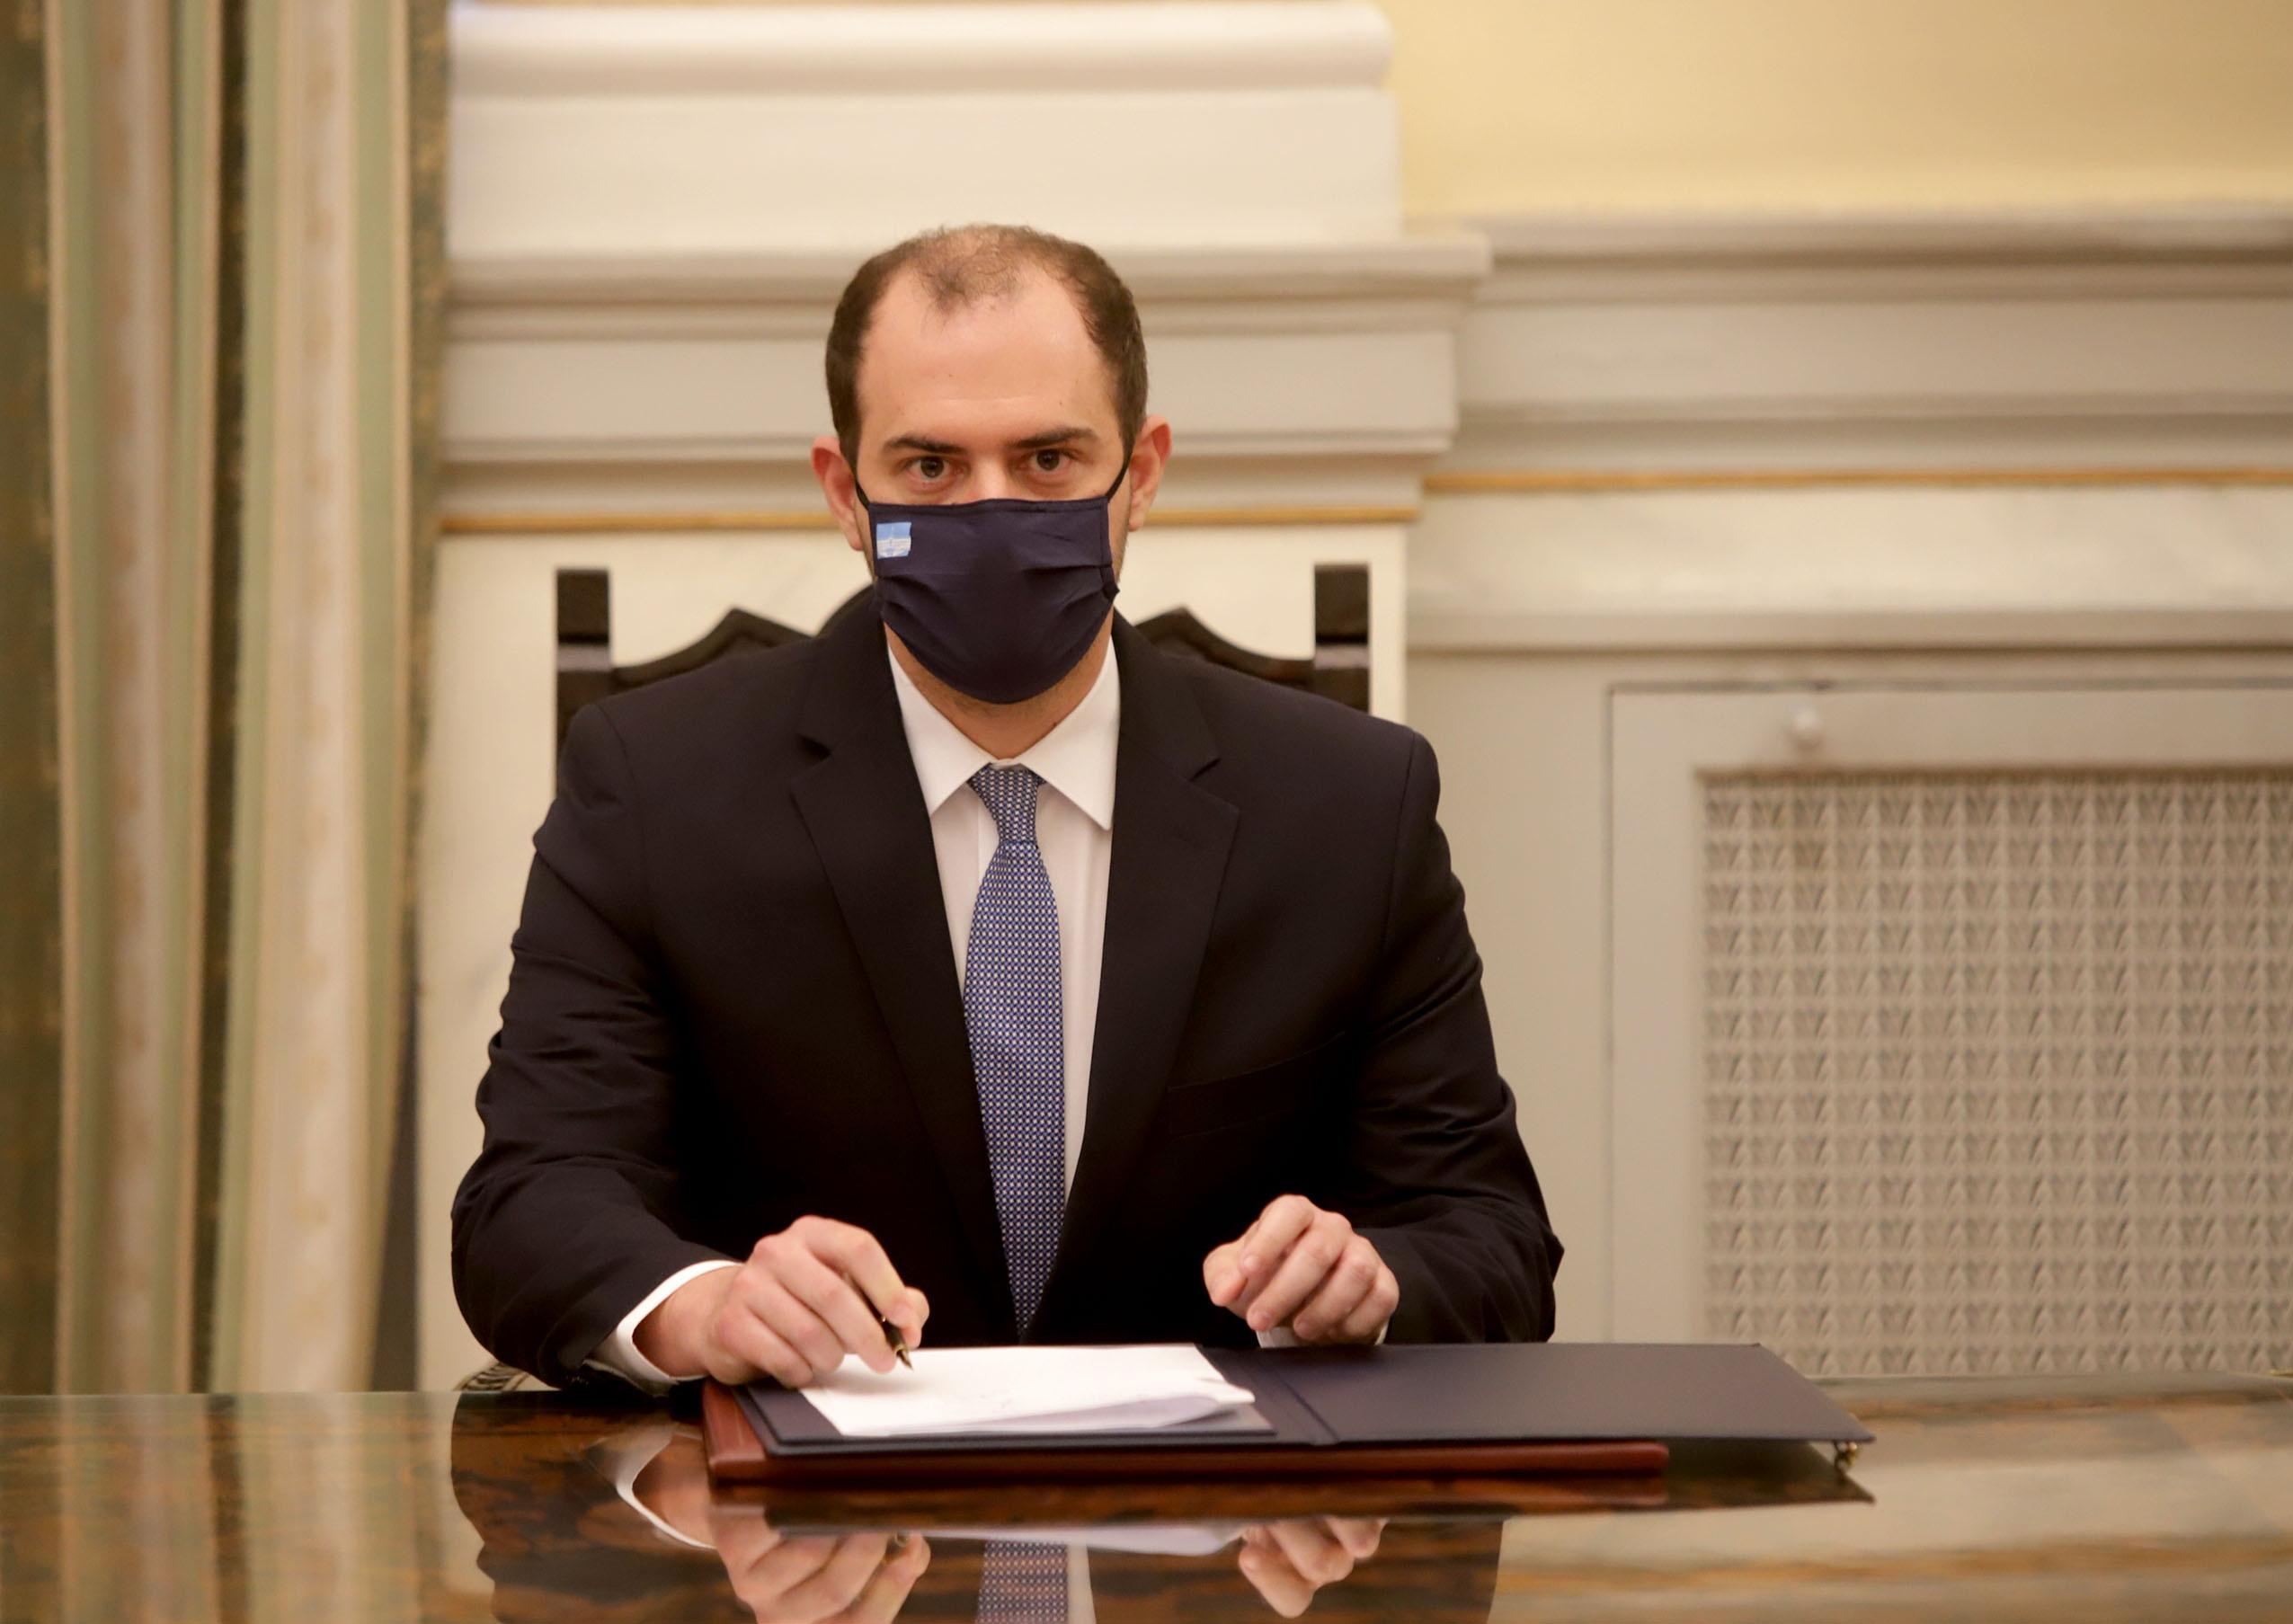 Ανέλαβε καθήκοντα στο Υπουργείο Δικαιοσύνης ο νέος Υφυπουργός Γιώργος Κώτσηρας